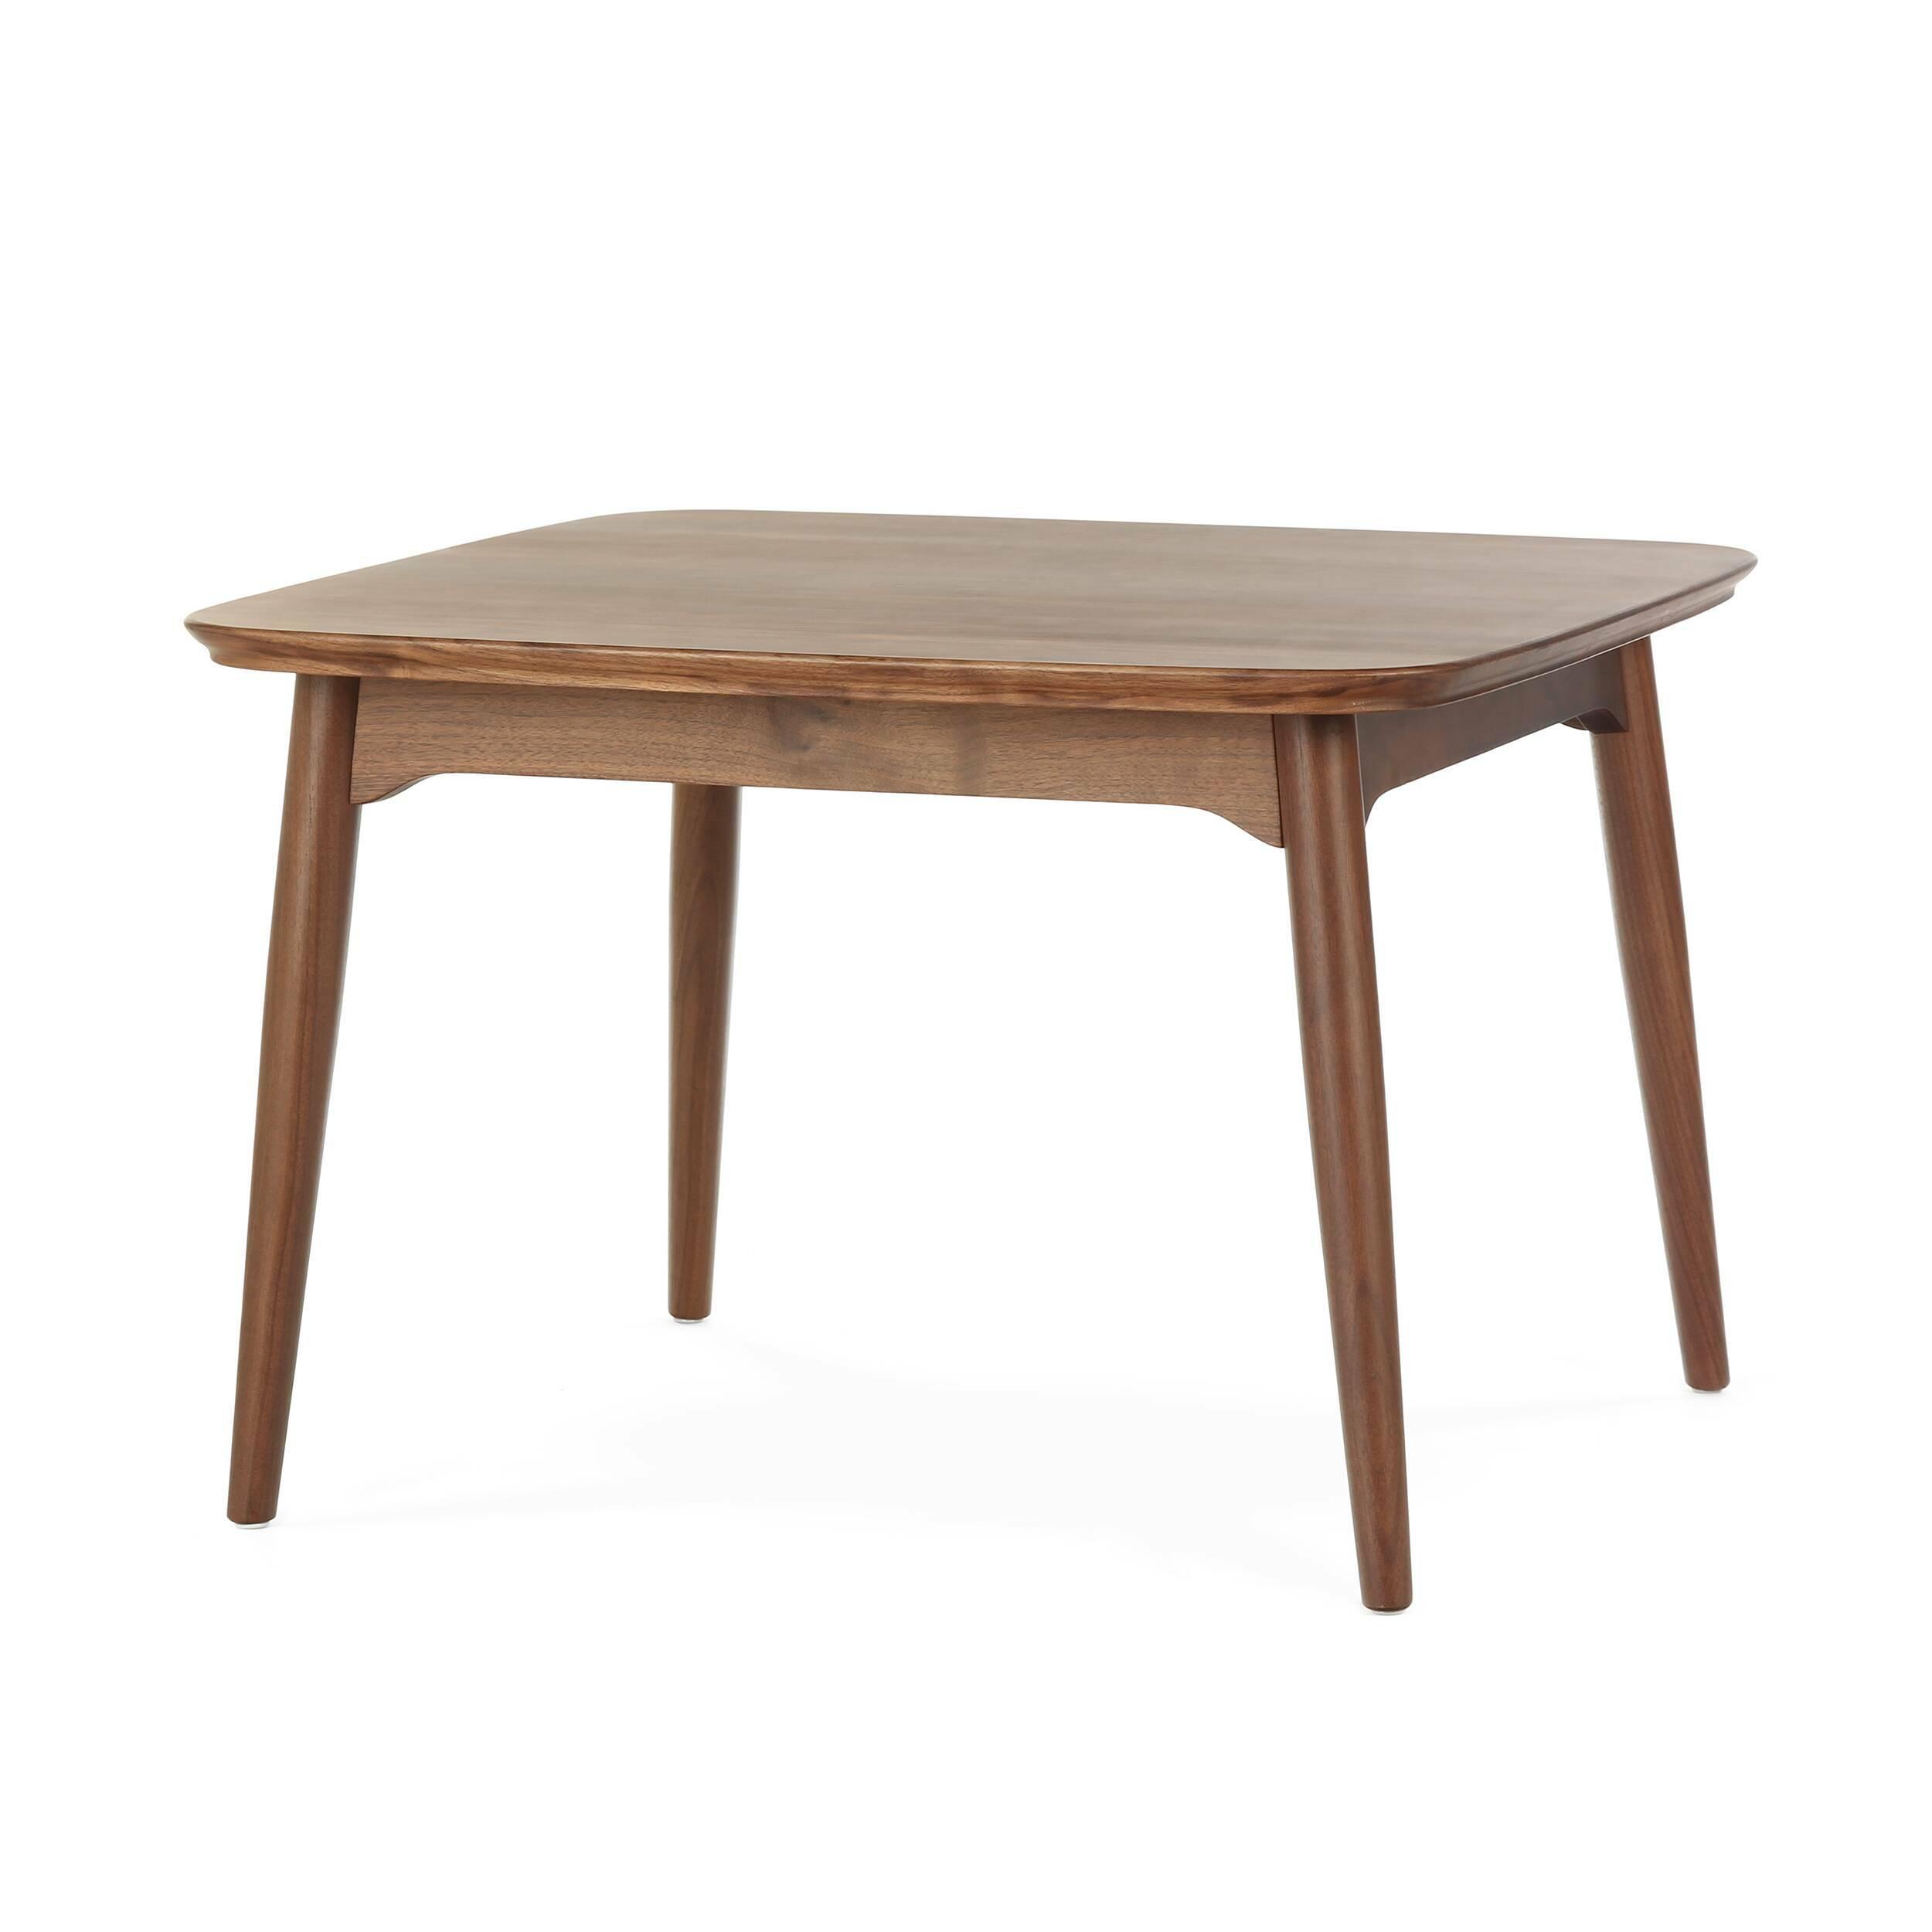 Кофейный стол Dad квадратный малый высота 50 кофейный стол dad квадратный малый высота 40